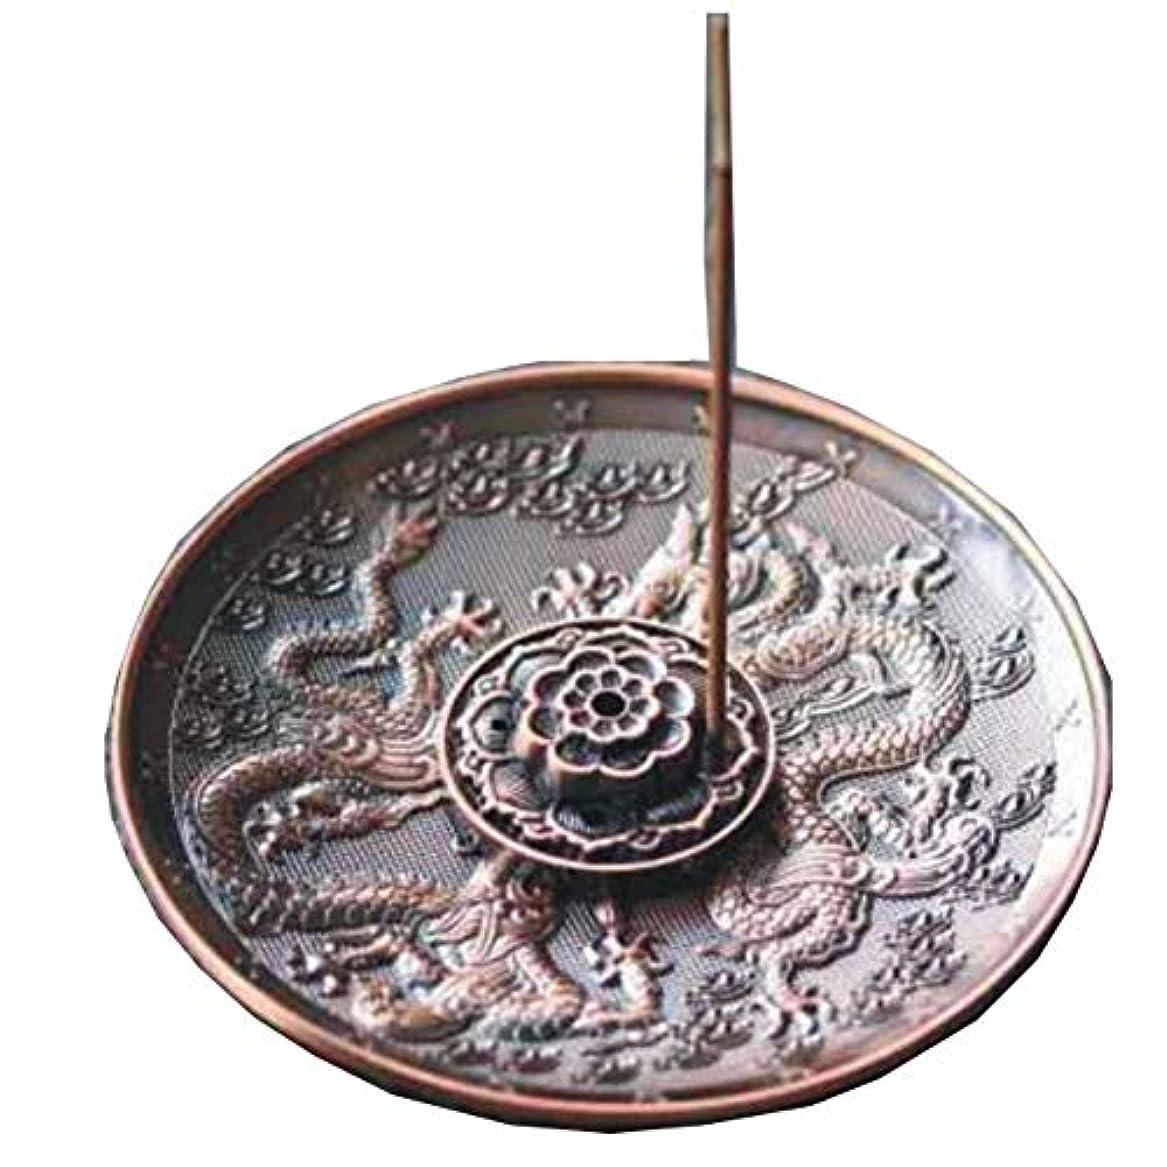 思われる瞳リアル[RADISSY] お香立て 香炉 香皿 スティック 円錐 タイプ お香 スタンド 龍のデザイン (赤胴色9穴)